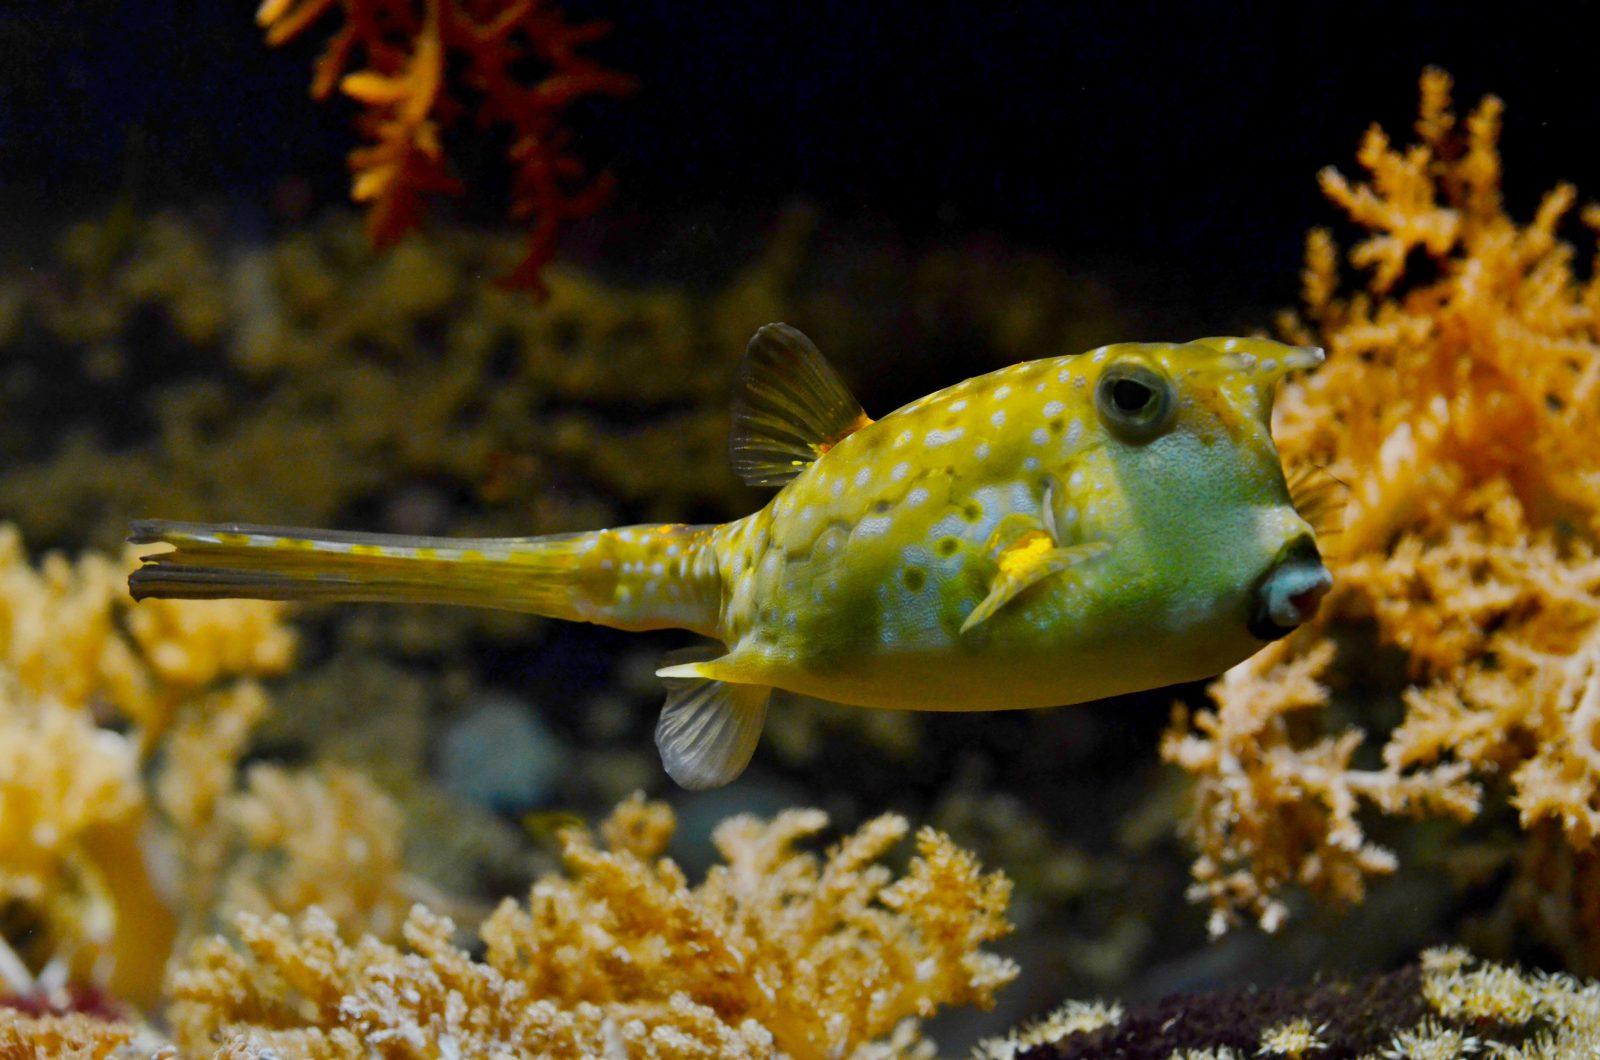 O peixe feio ou ornamental possui inúmeras características exóticas.